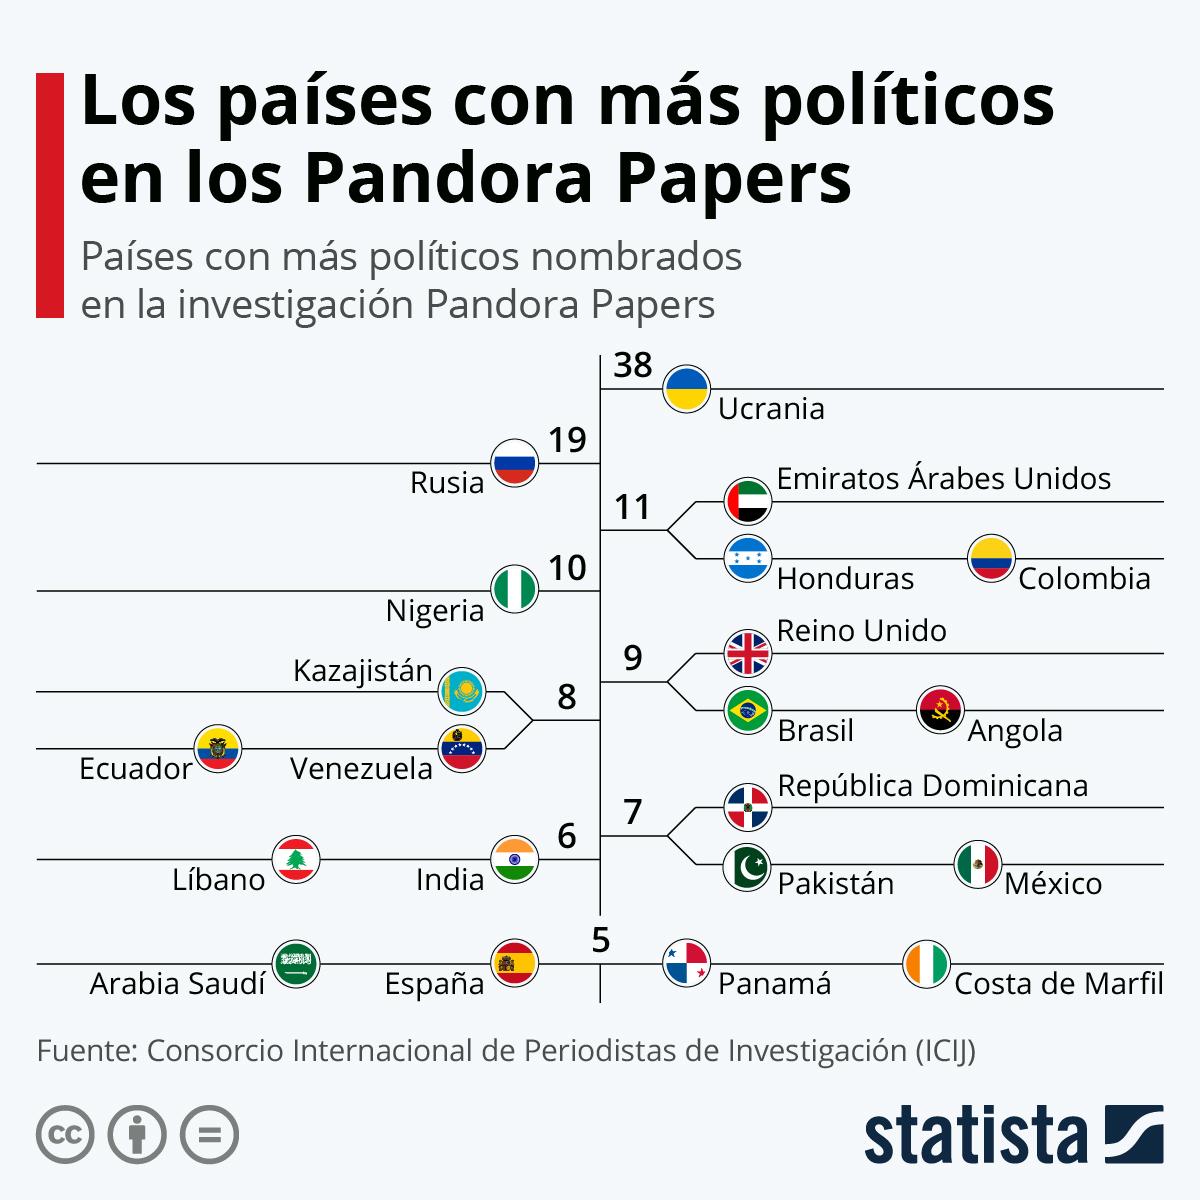 Infografía: ¿De dónde son los políticos nombrados en los Pandora Papers? | Statista